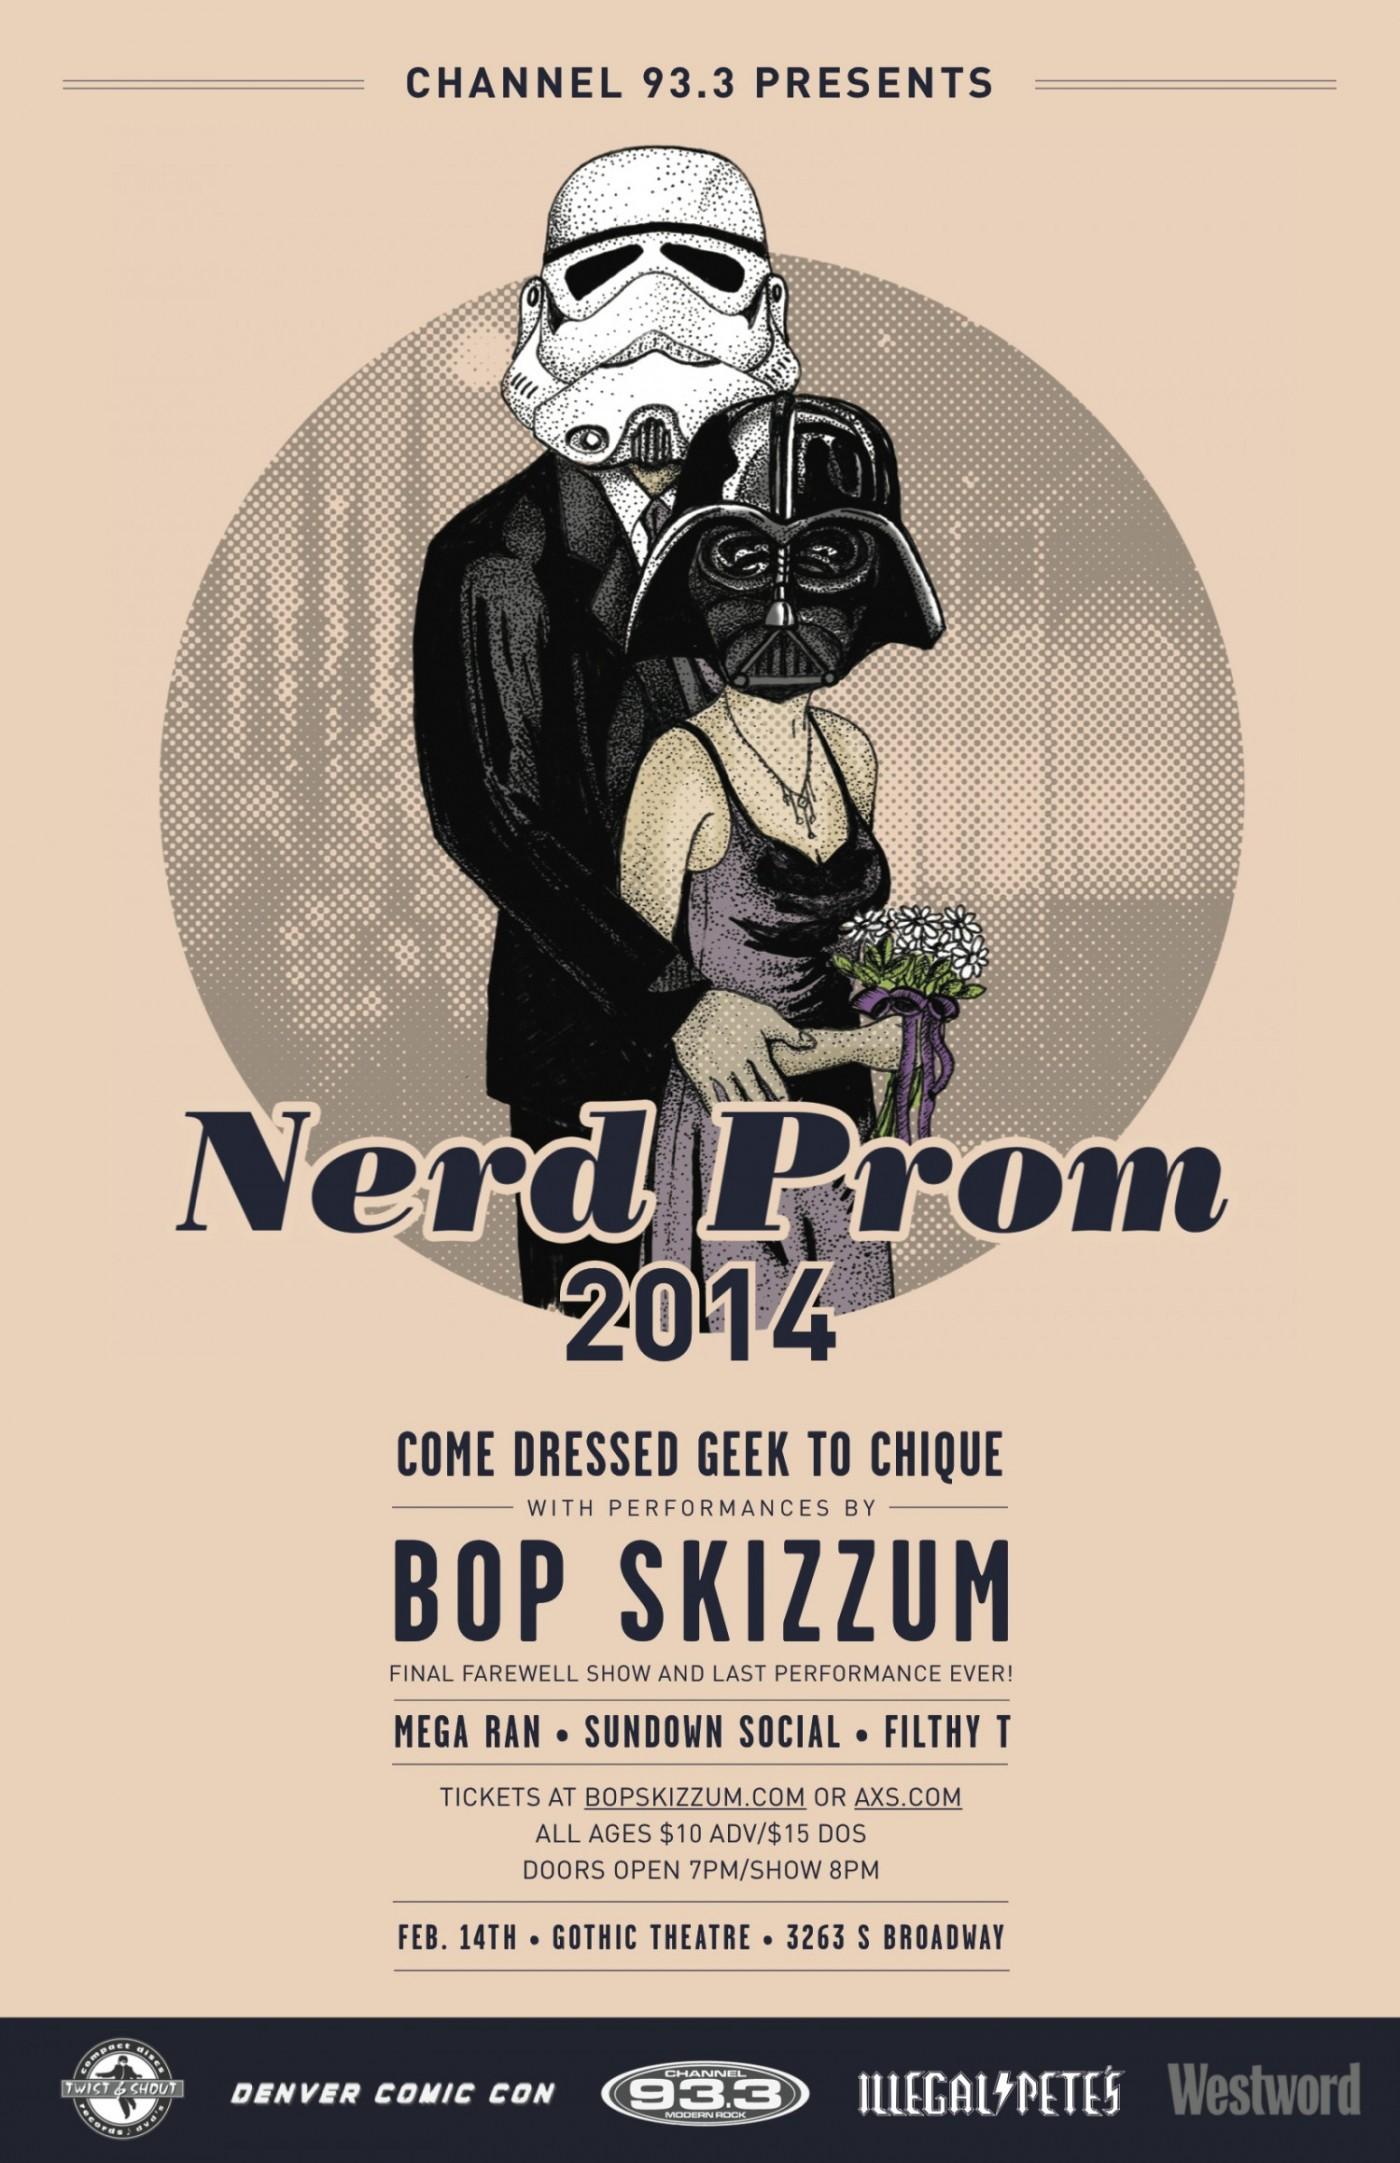 NerdProm-Poster_fnl-e1389656852795.jpg